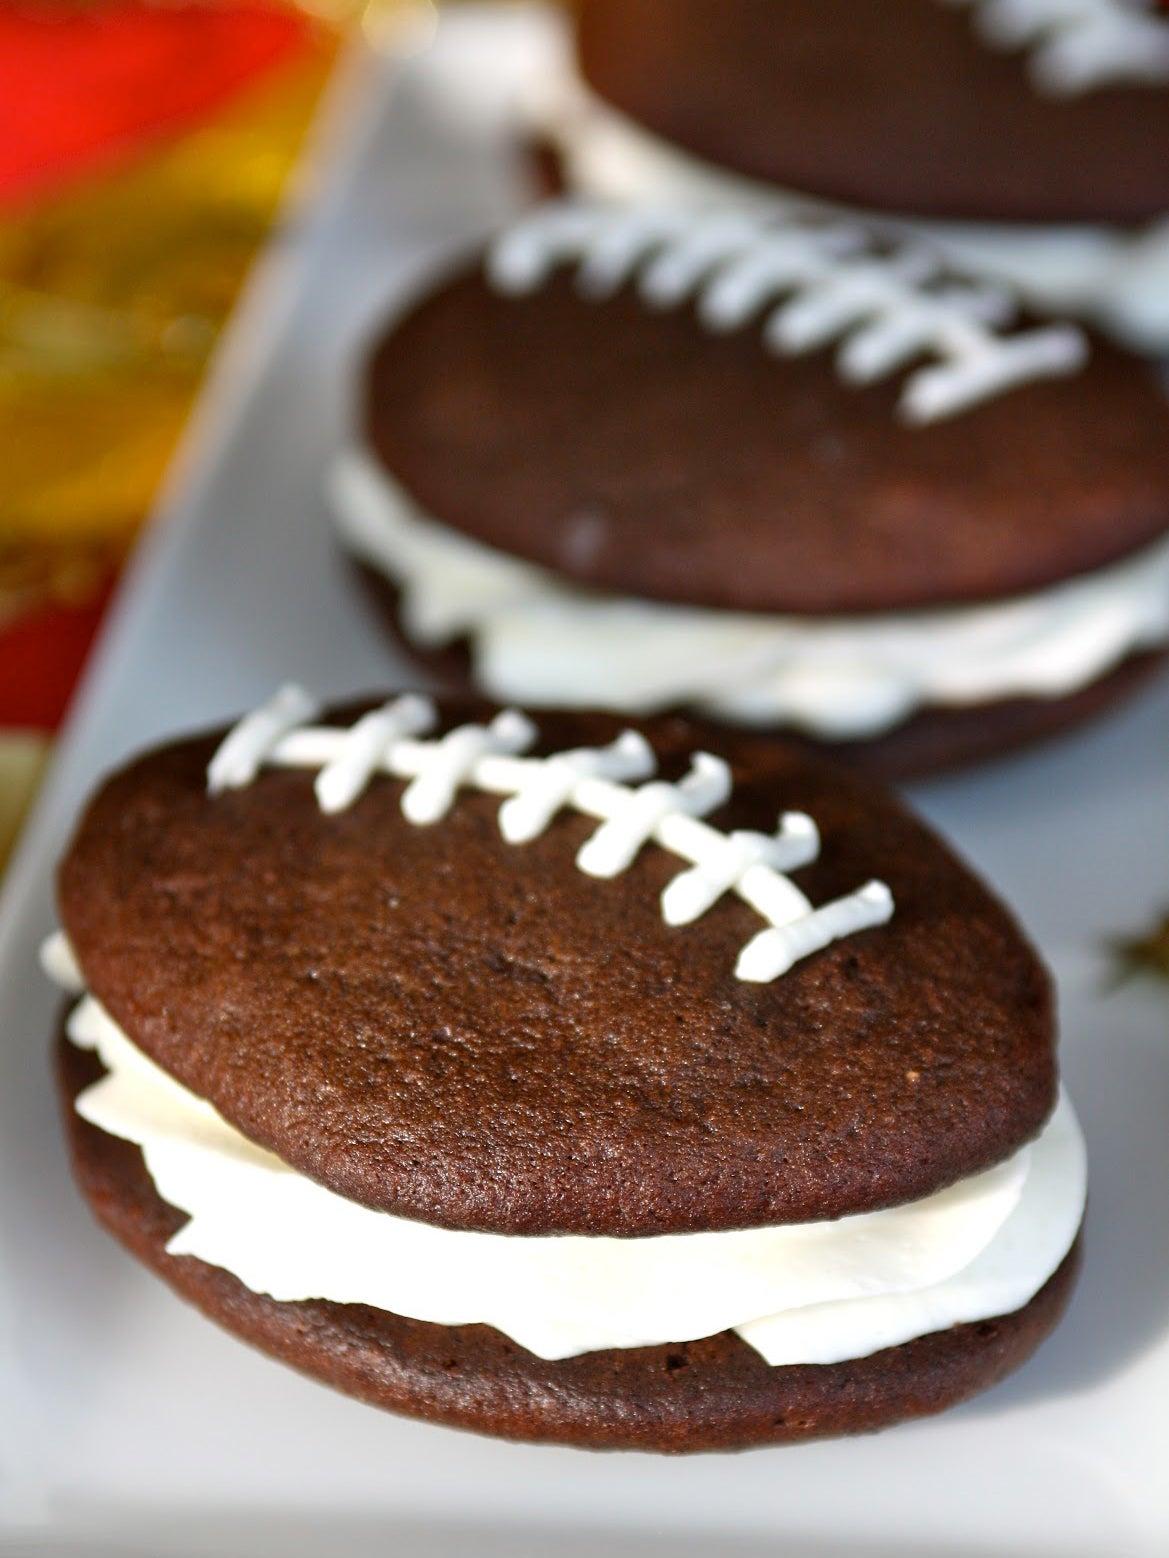 cookie shaped like a football